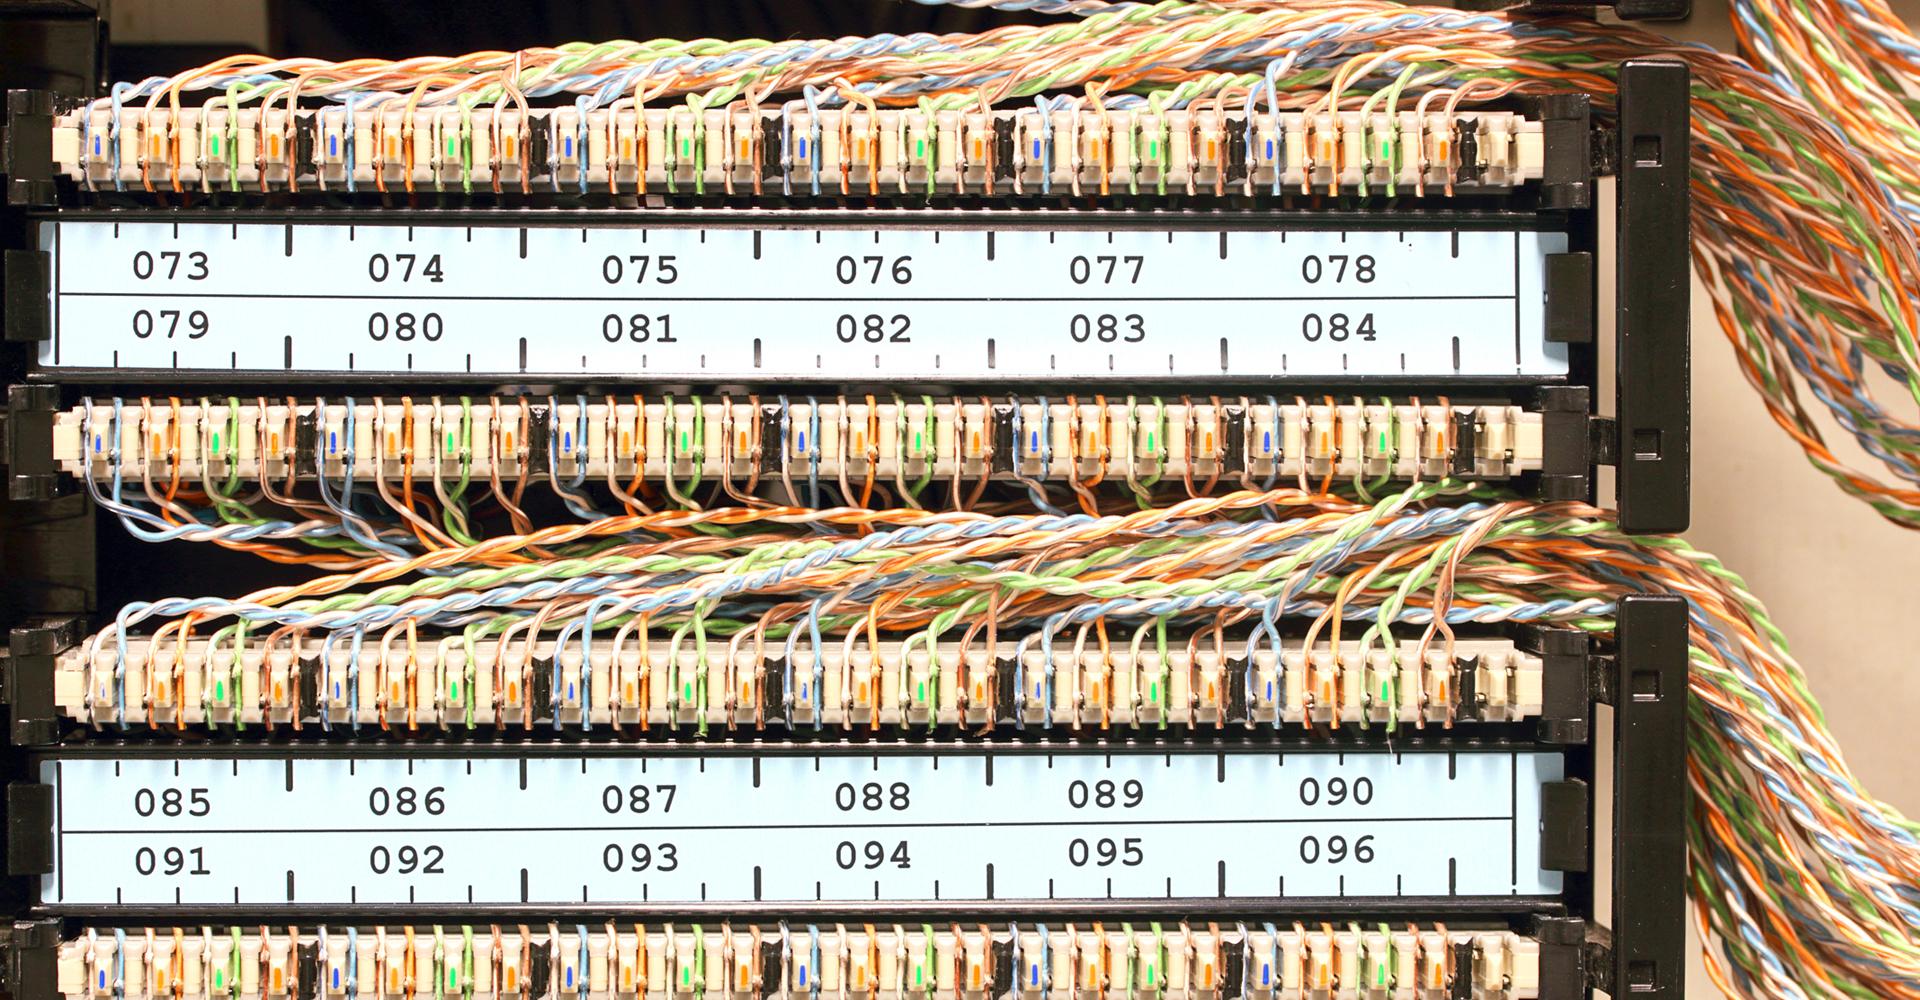 Zweidraht-Schaltschrank mit vielen Kabeln